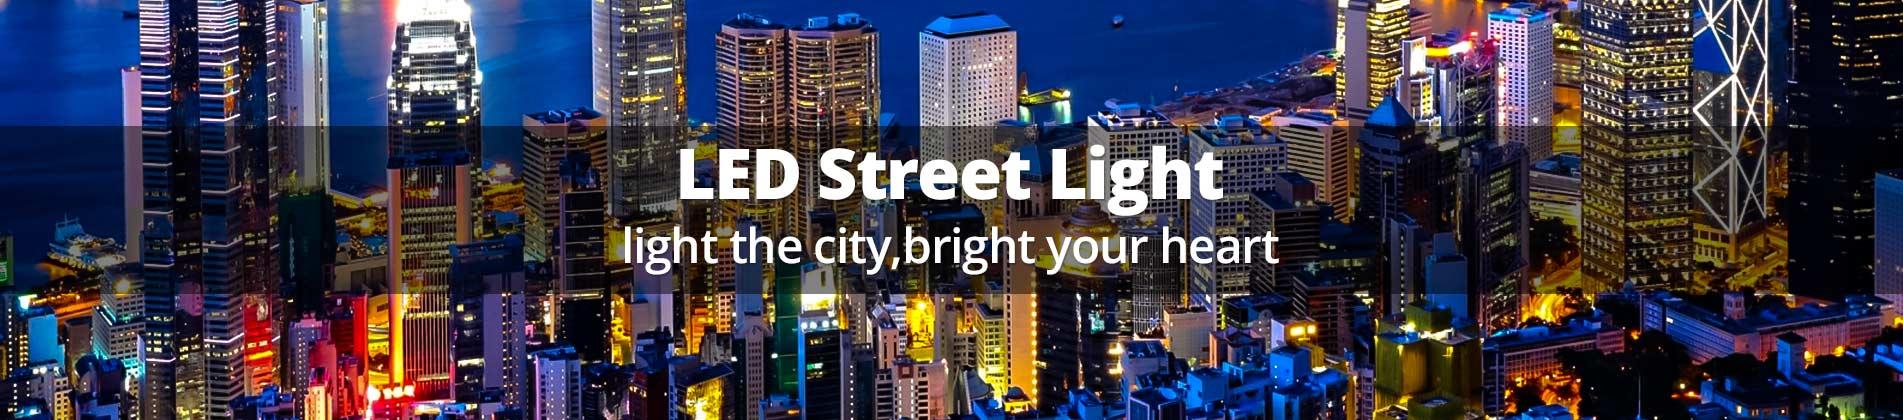 led-street-light-2